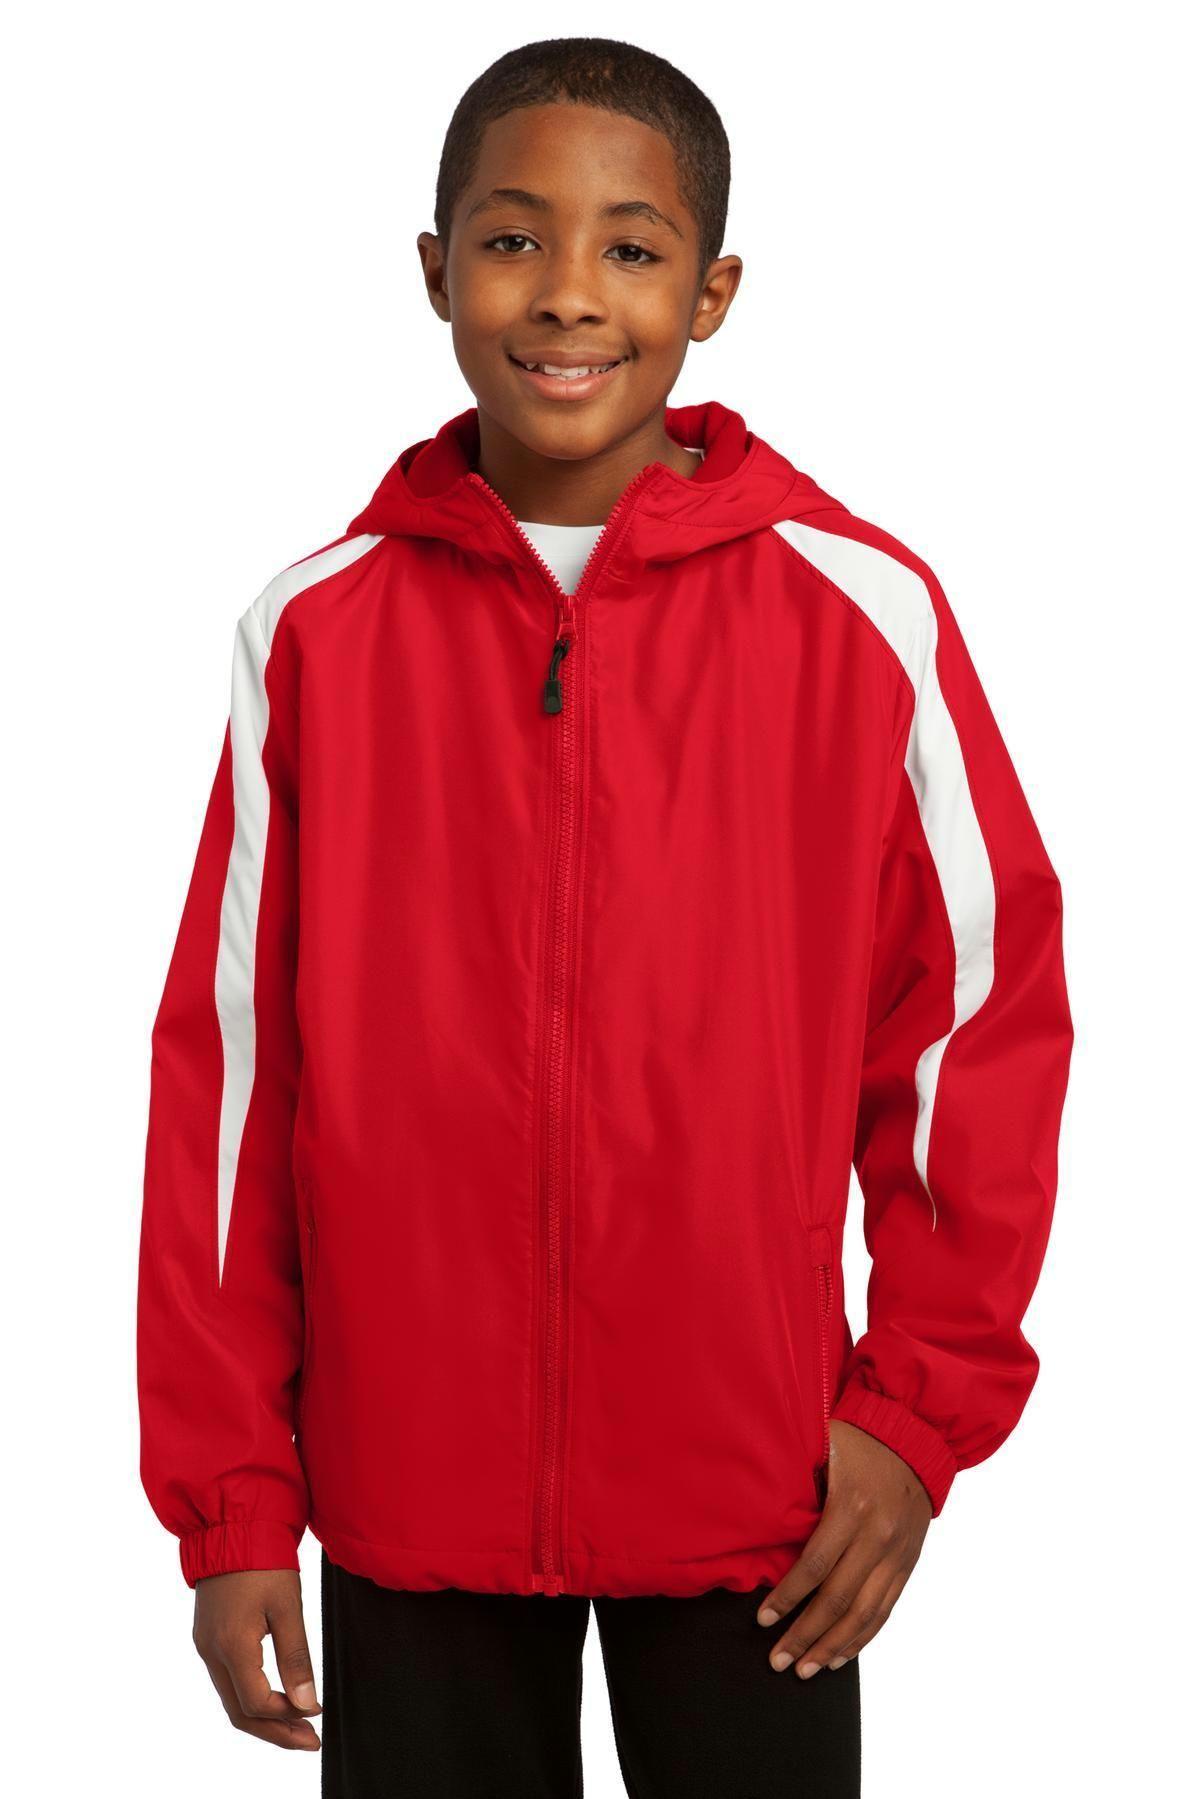 SportTek Youth Fleece Lined Colorblock Jacket. YST81